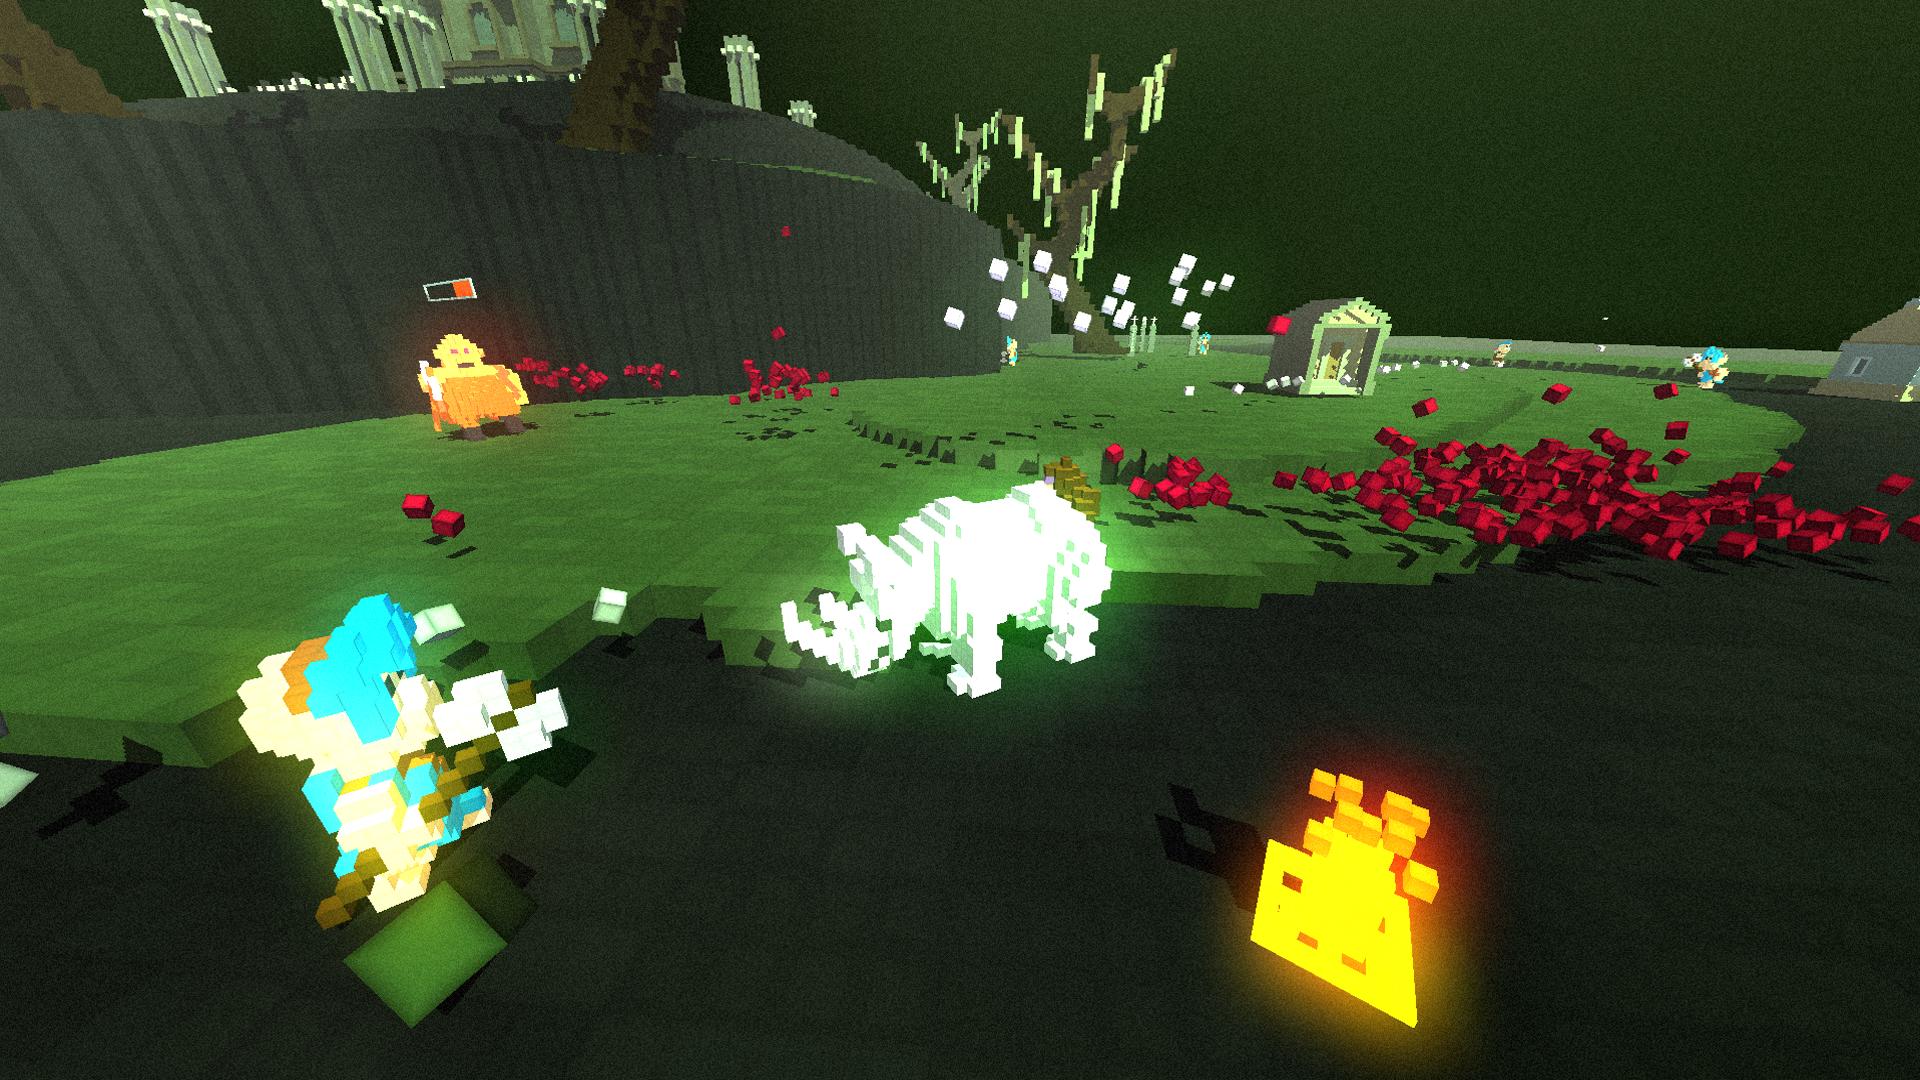 Gameplay: 3D action-RPG focused on charging through enemies